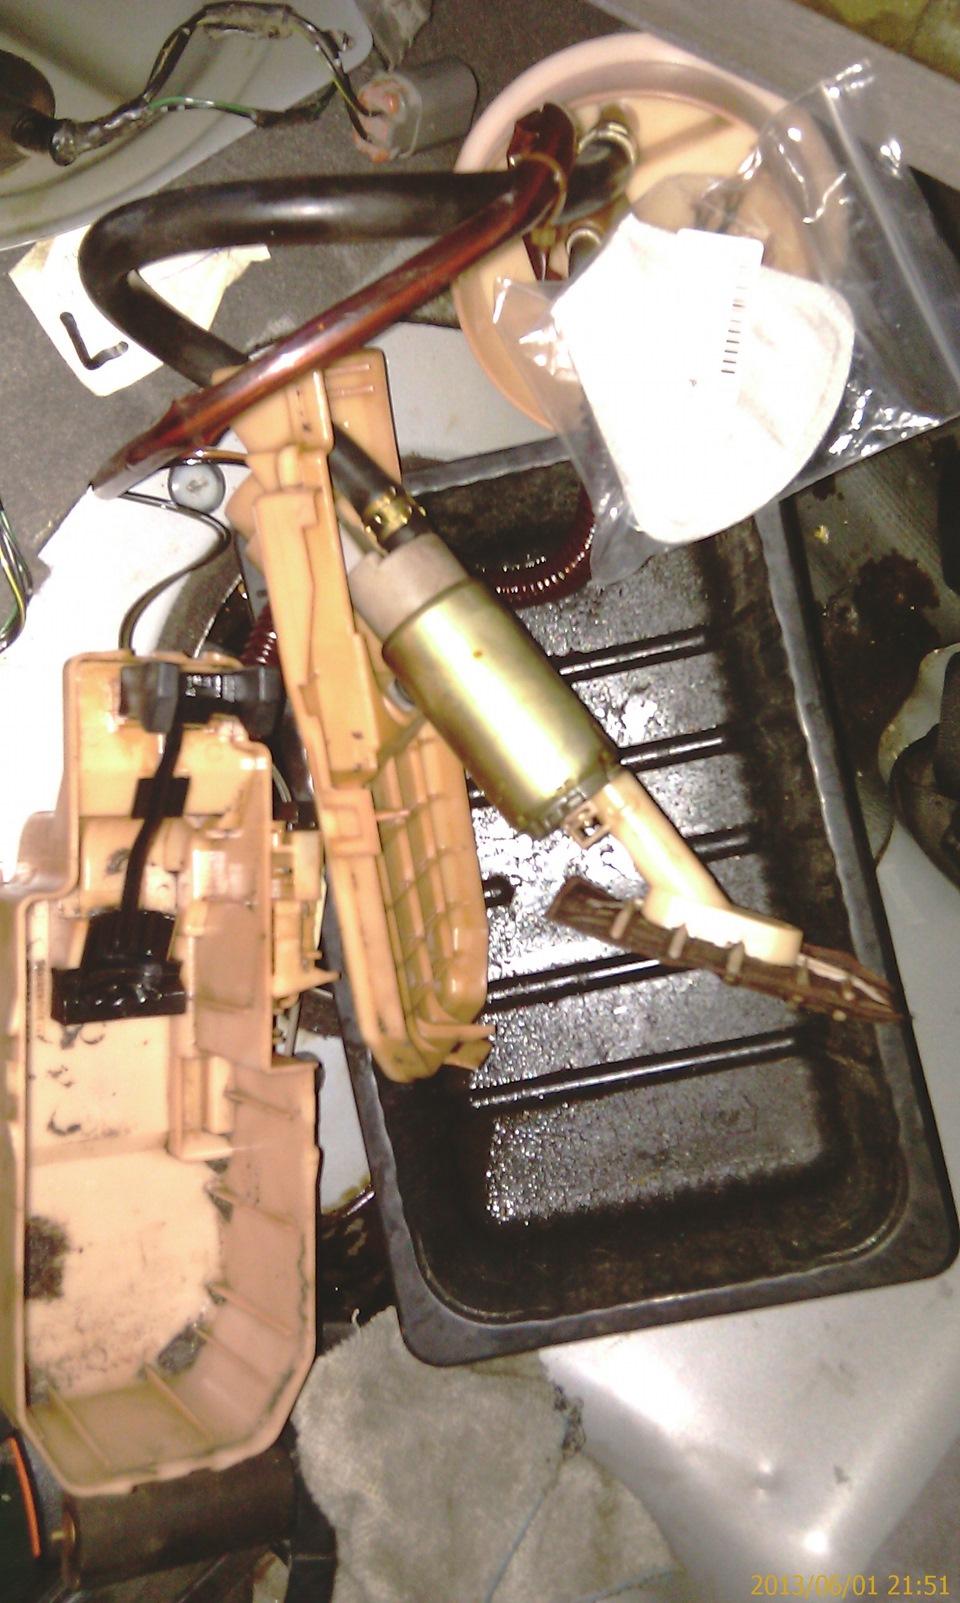 Замена сетки на бензонасосе у Nissan Primera p11e - бортжурнал Nissan Primera SR20De 2.0 16V, сер.мет. 1998 года на DRIVE2